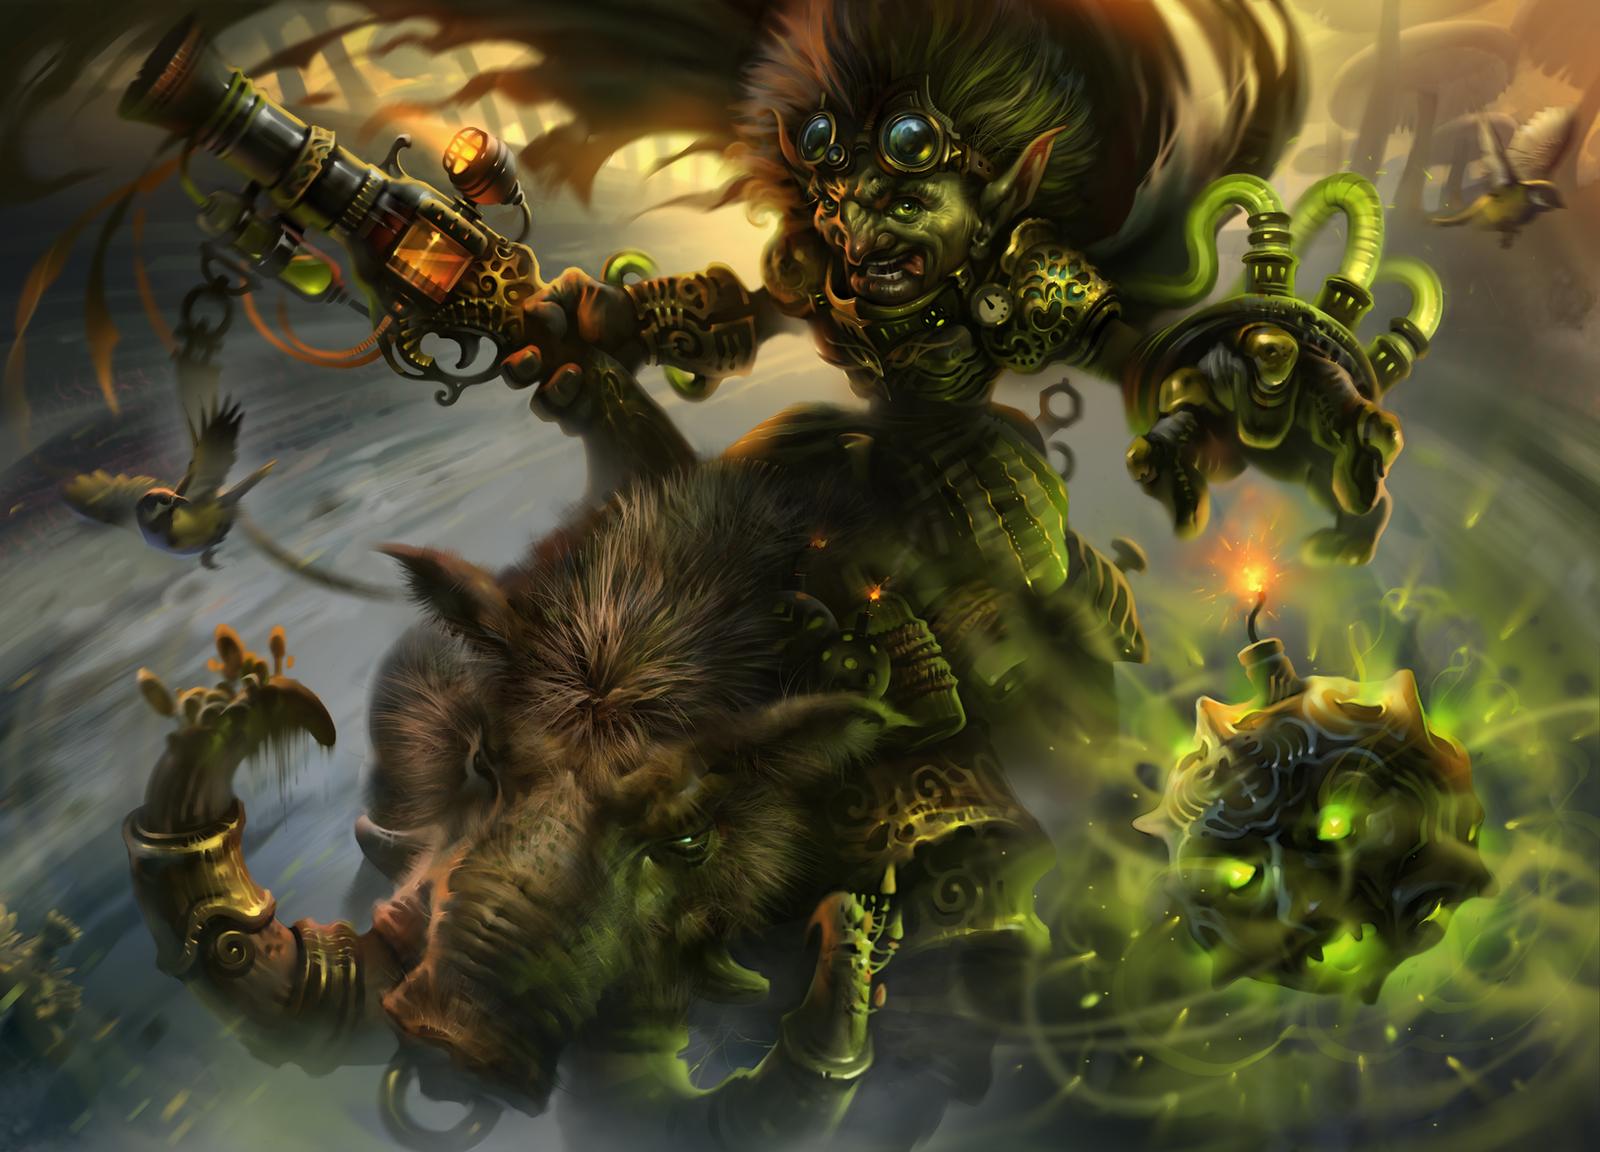 Goblin toxic bomber by ivany86